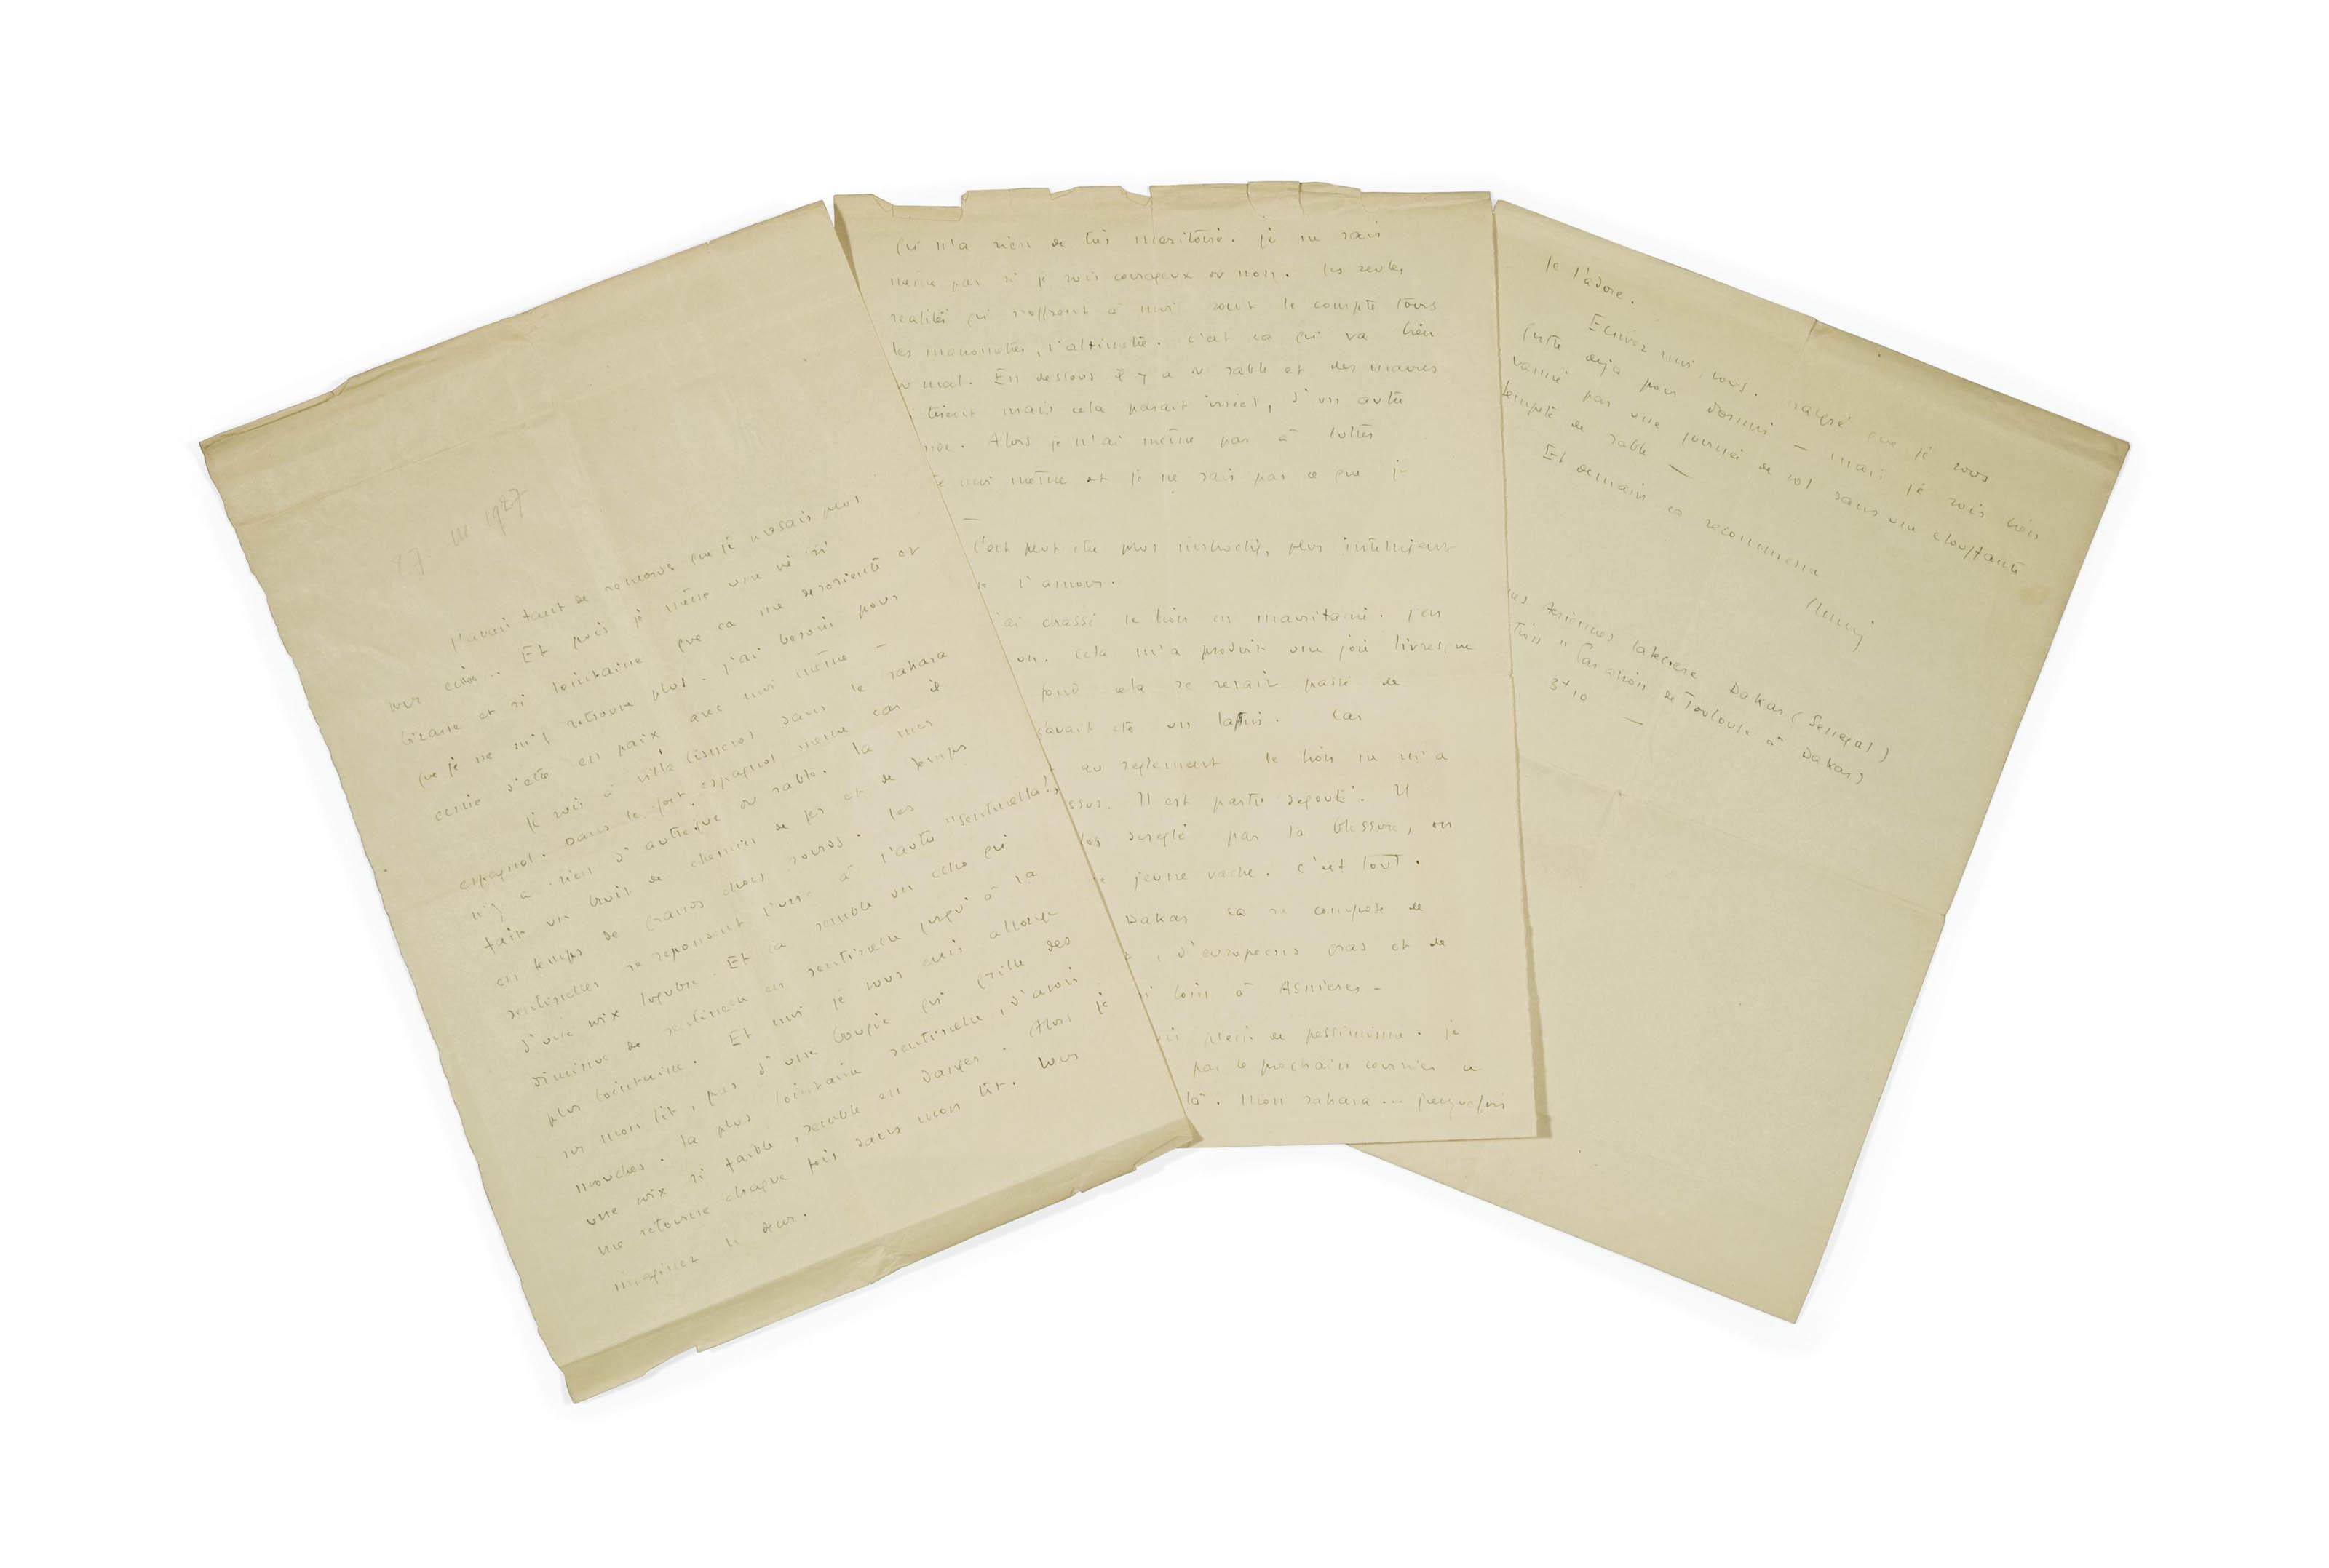 """SAINT-EXUPÉRY, Antoine de. Lettre autographe signée """"Antoine"""" adressée à Lucie-Marie Decour. [Villa-Cisneros, 27 mars 1927 (date ajoutée au crayon, d'une autre main)]."""